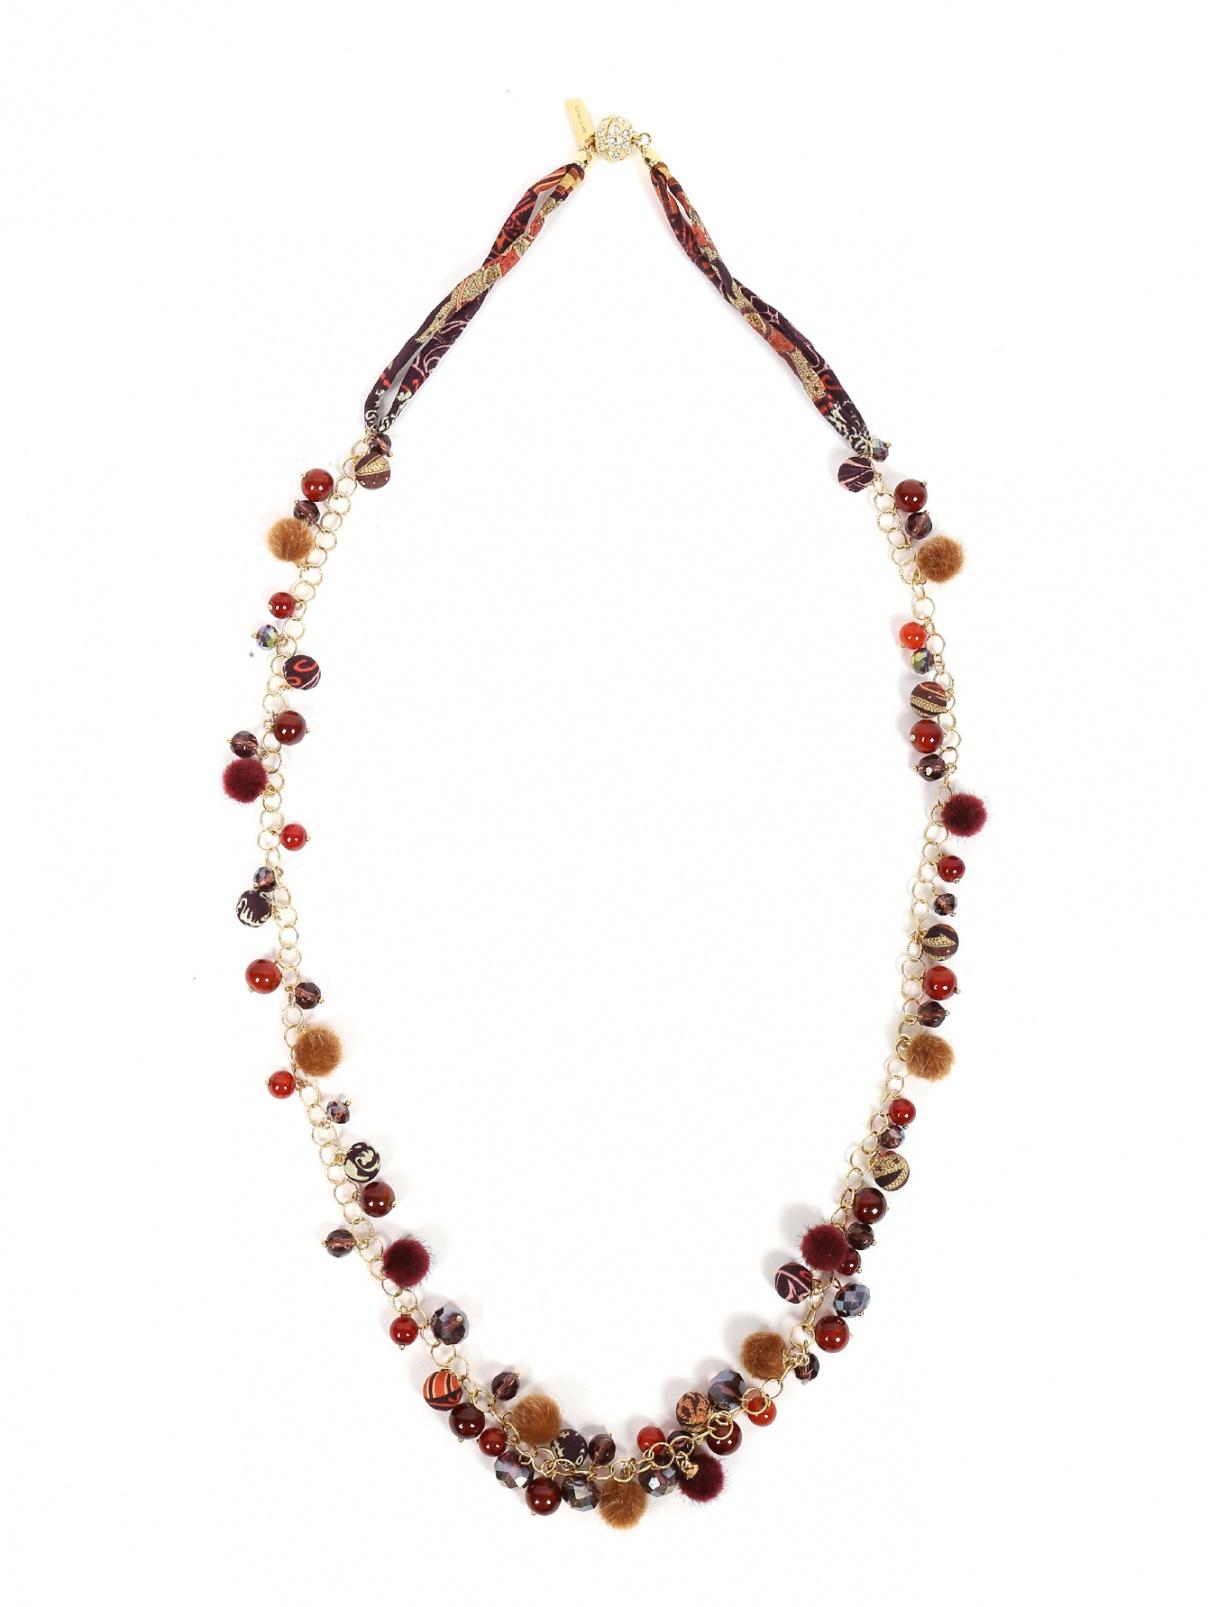 Ожерелье из меди стекла и шелка Etro  –  Общий вид  – Цвет:  Мультиколор